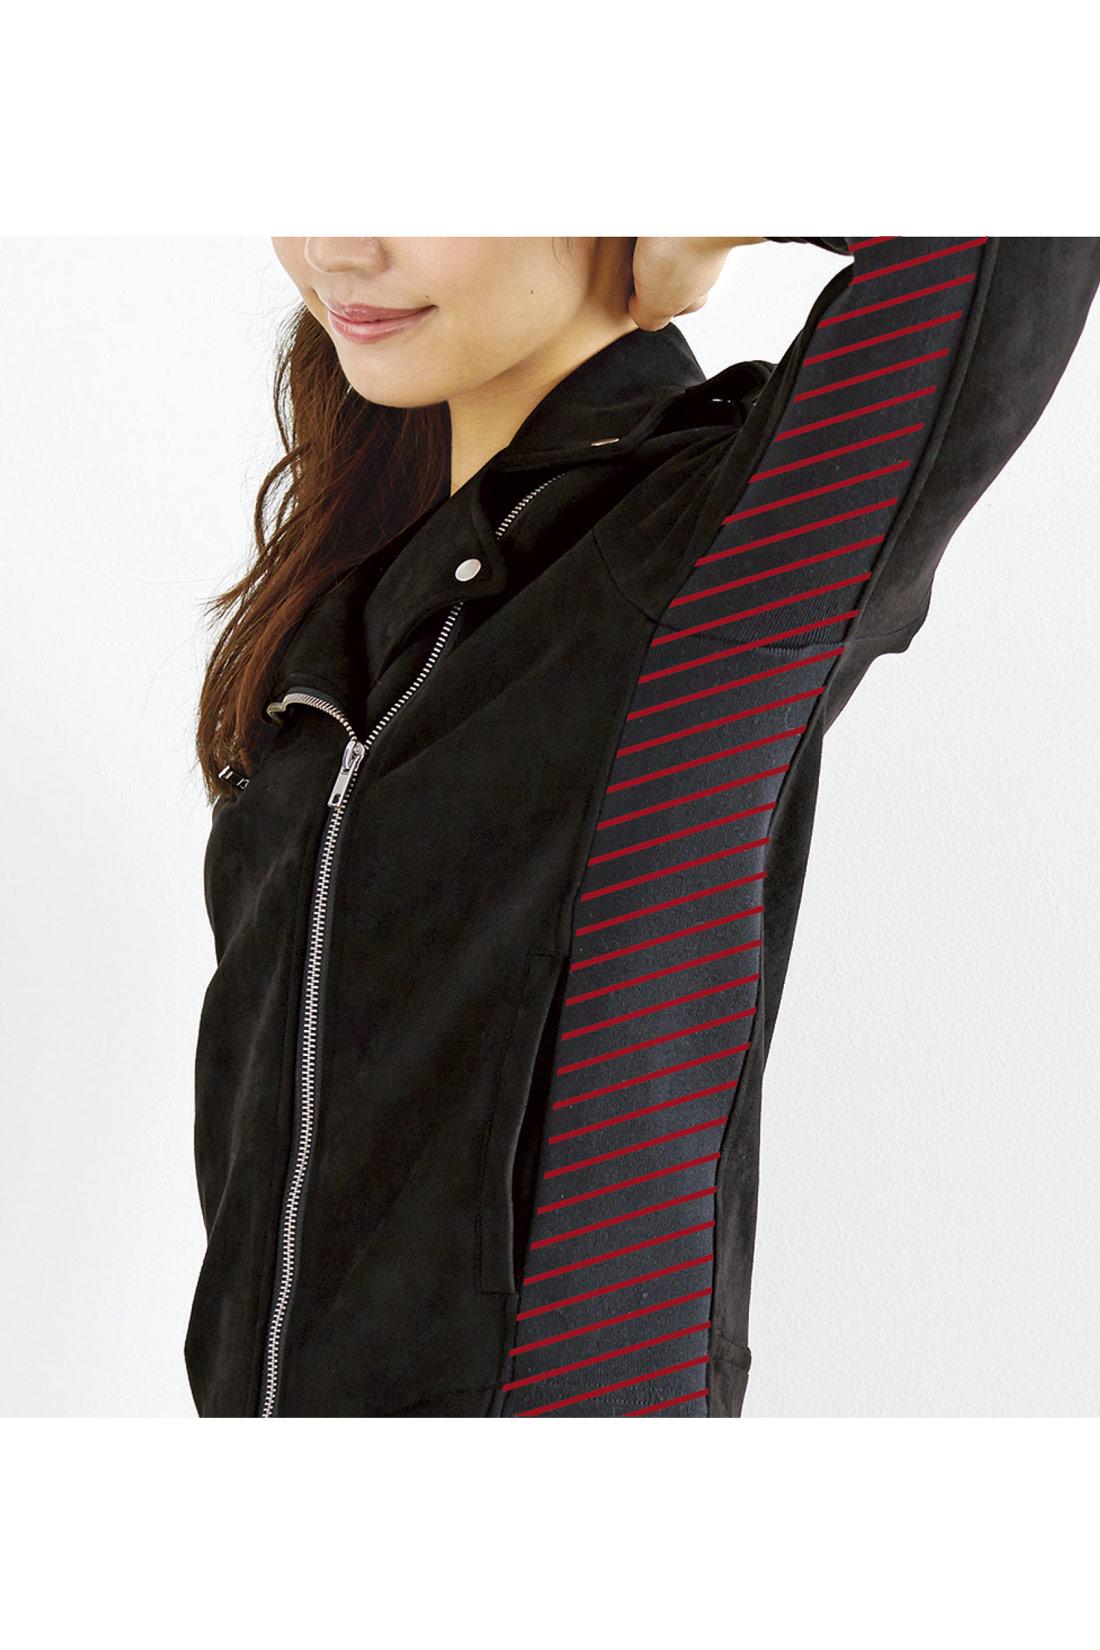 袖とわきのサイドリブでのびのび快適ノンストレス! 身ごろのわきと袖下をリブに切り替えているから、コンパクトめのシルエットながら窮屈感がなくらくちん!